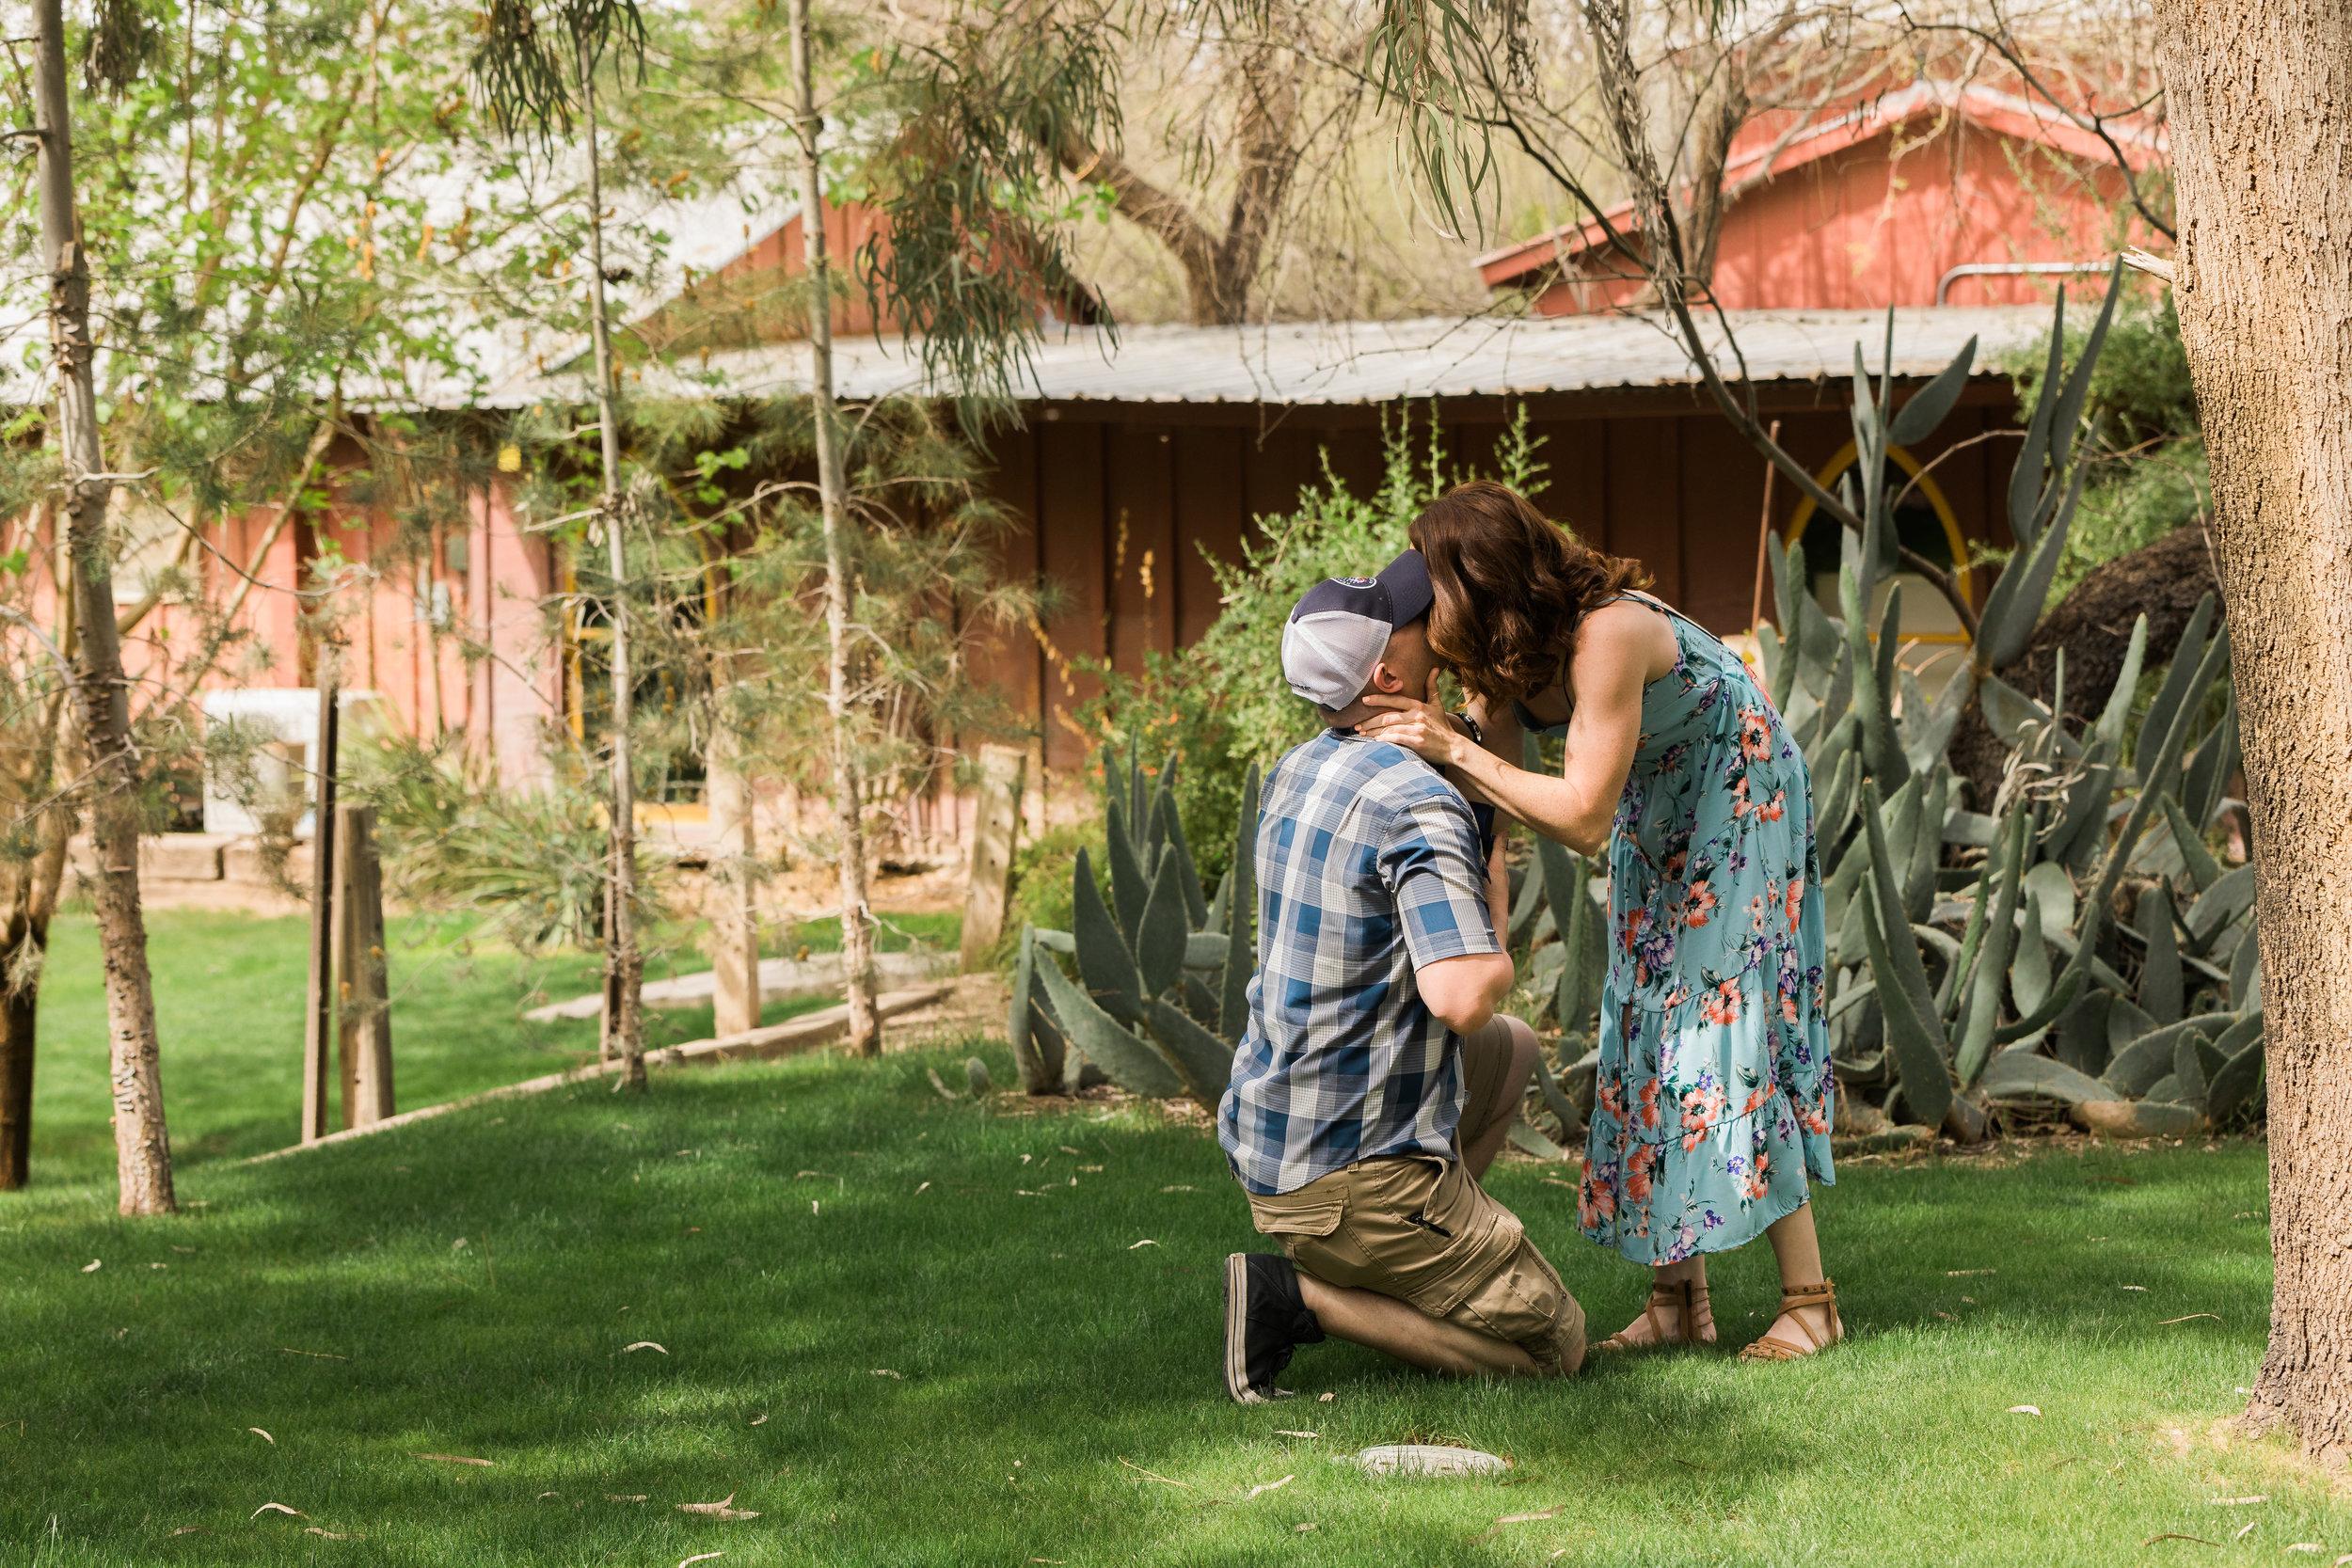 Windmill-Winery-Proposal-Tara-Nichole-Photo-Florence-Arizona-25.jpg